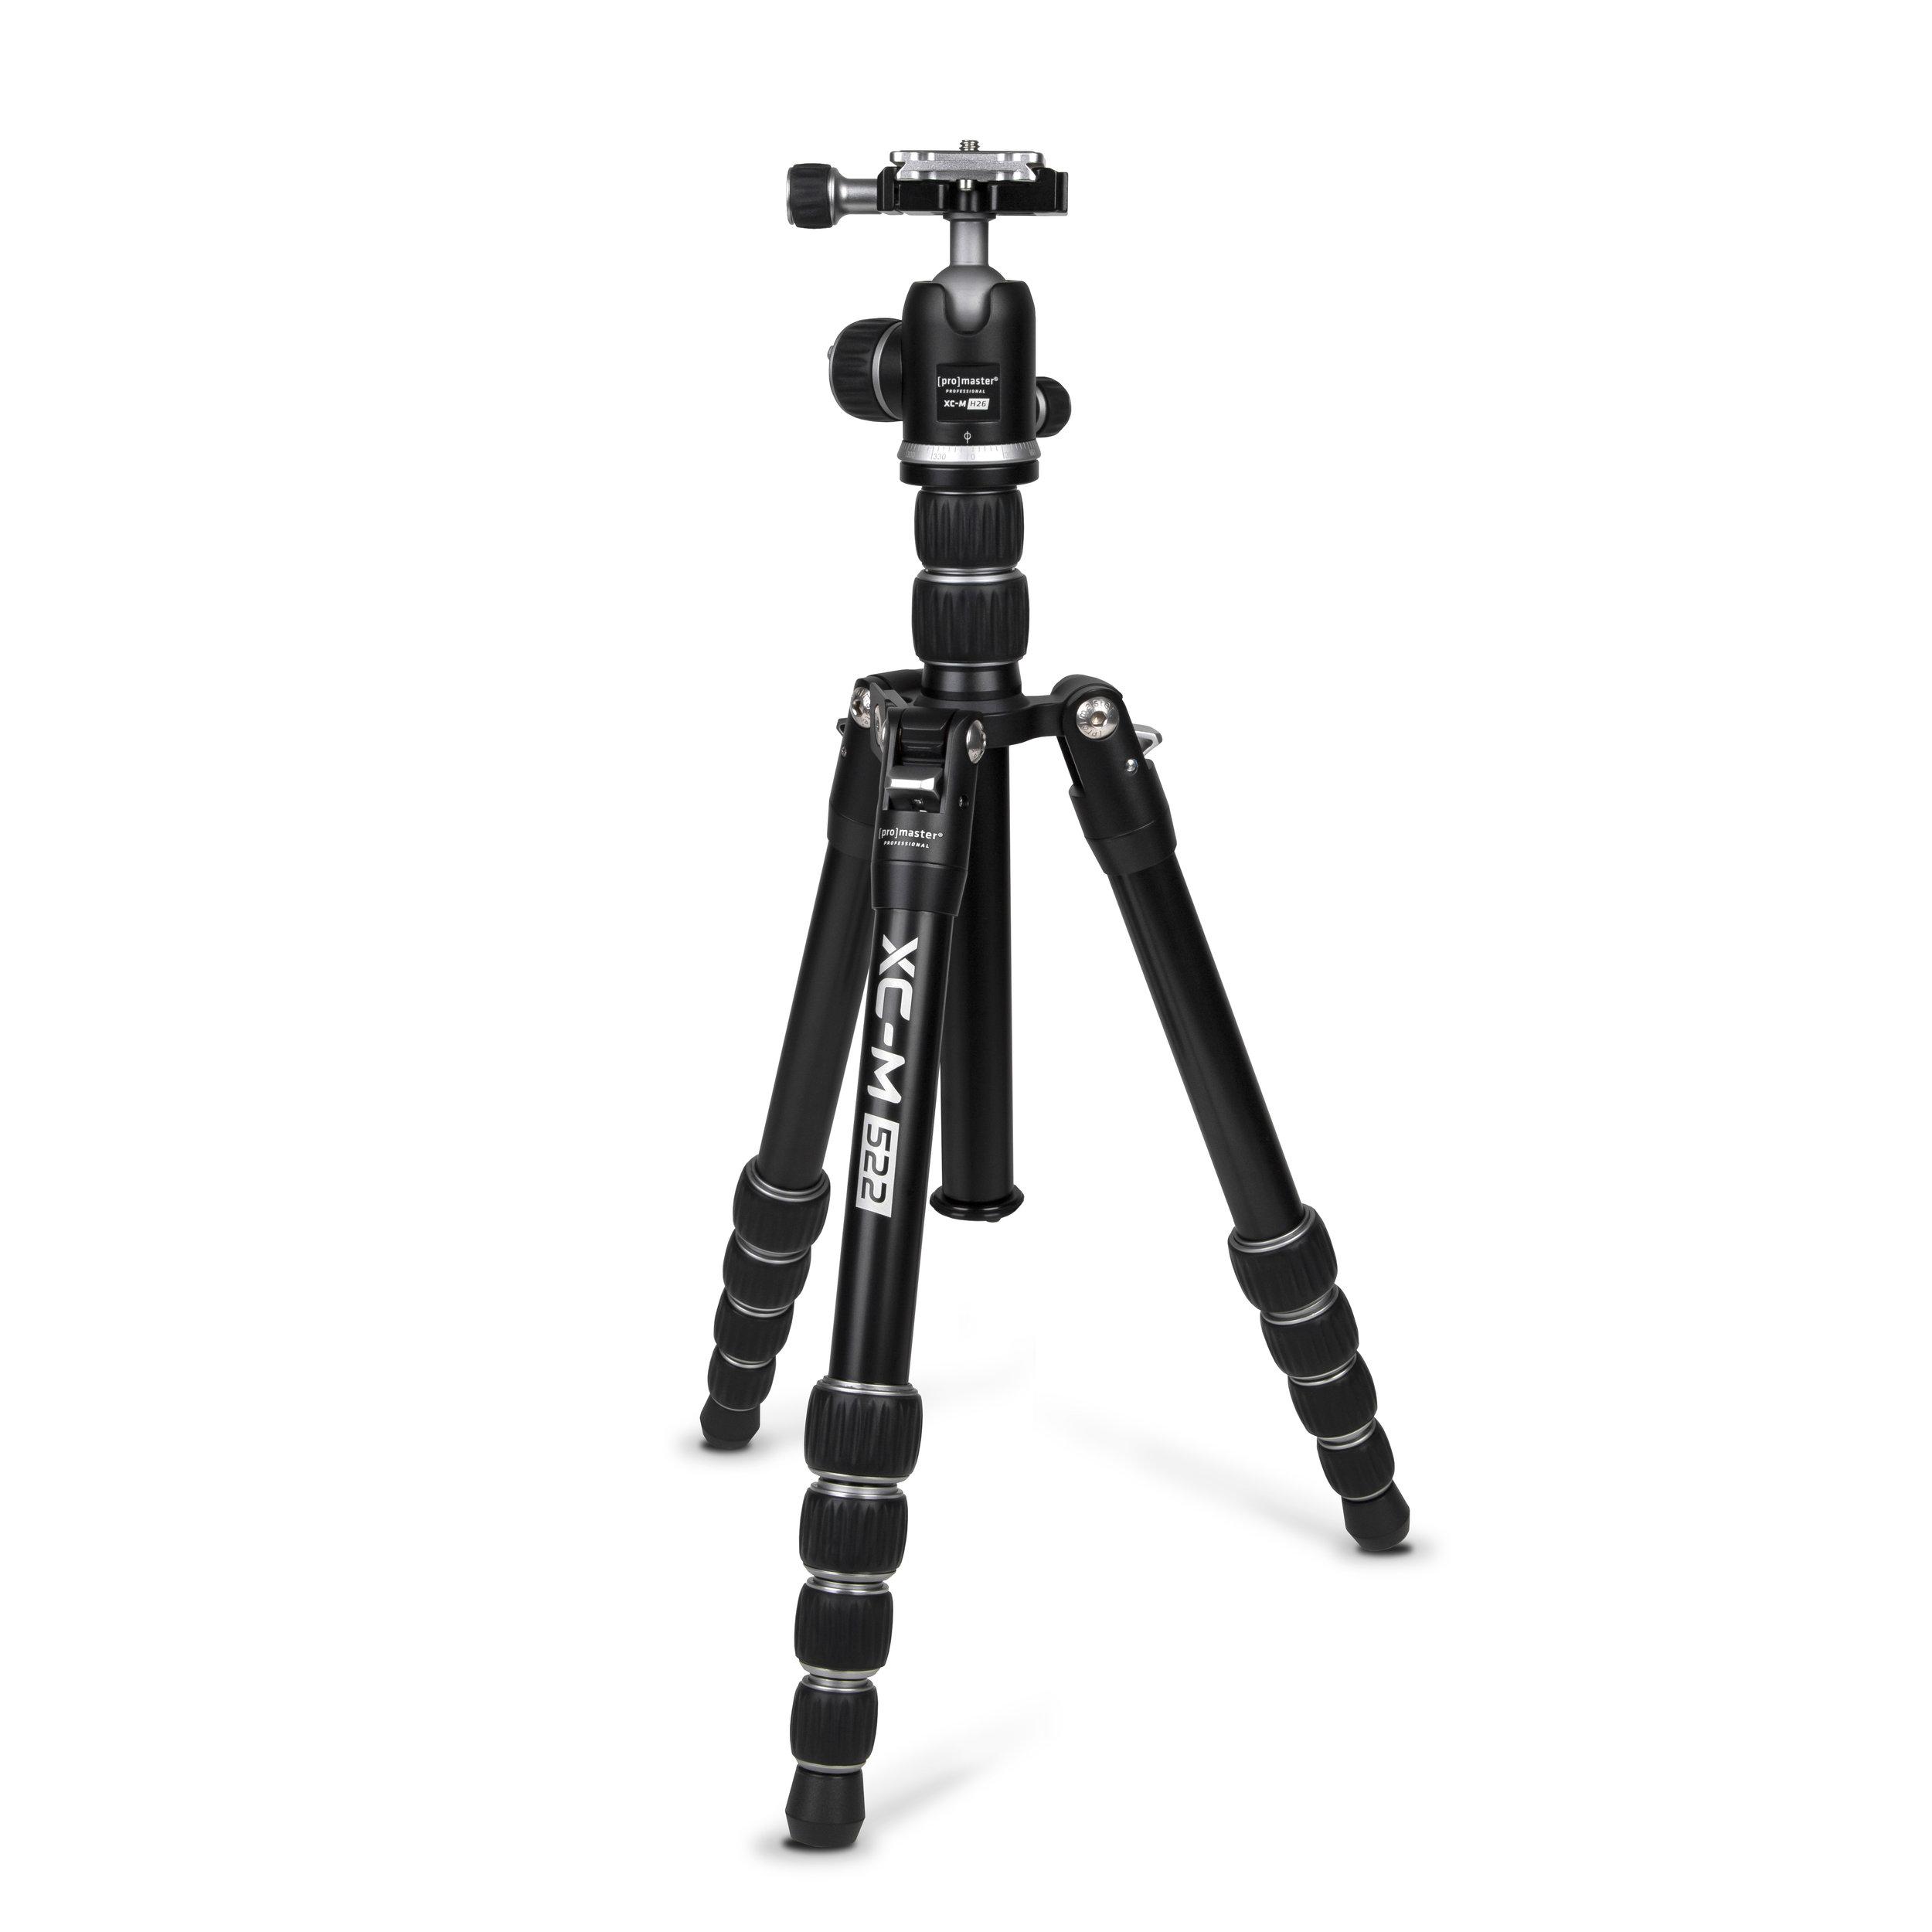 XC-M 522 ALUMINUM - SILVER   $159.95